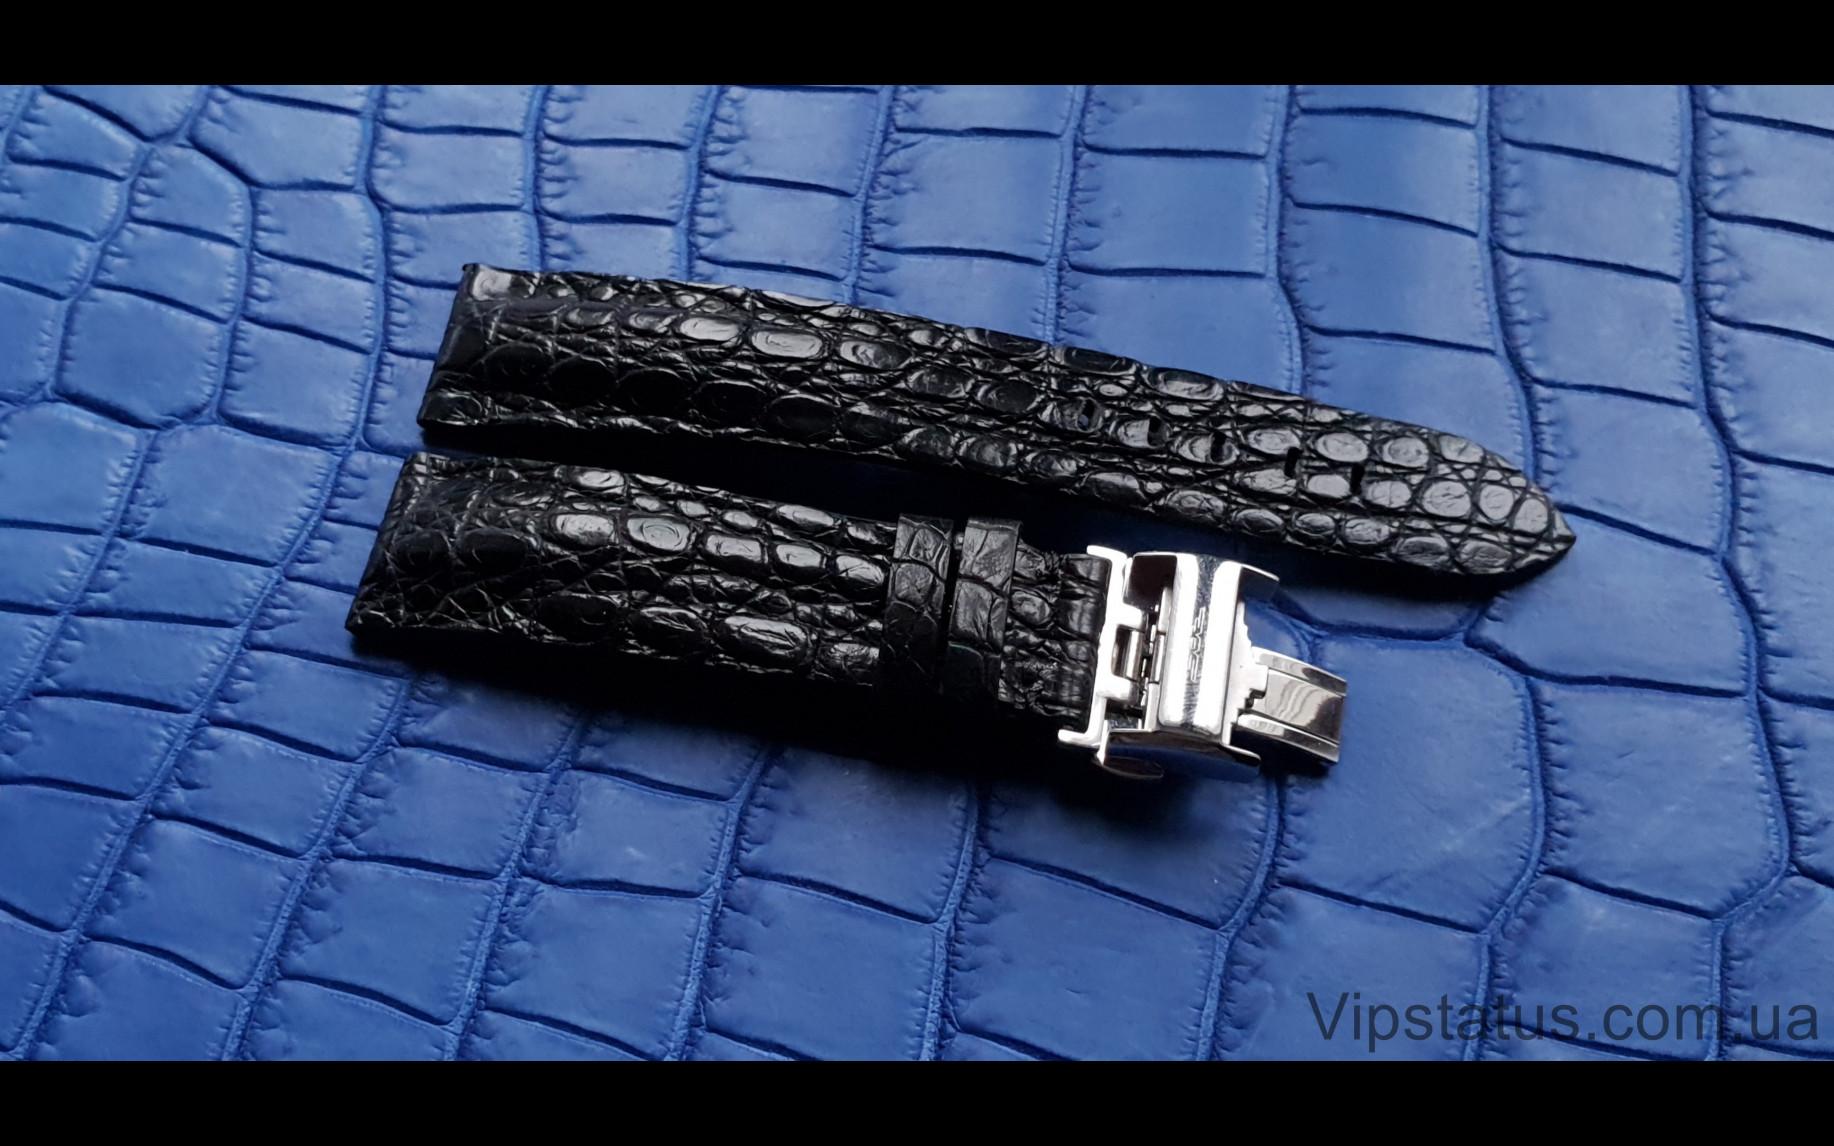 Elite Лакшери ремешок для часов Longines кожа крокодила Luxury Crocodile Strap for Longines watches image 2